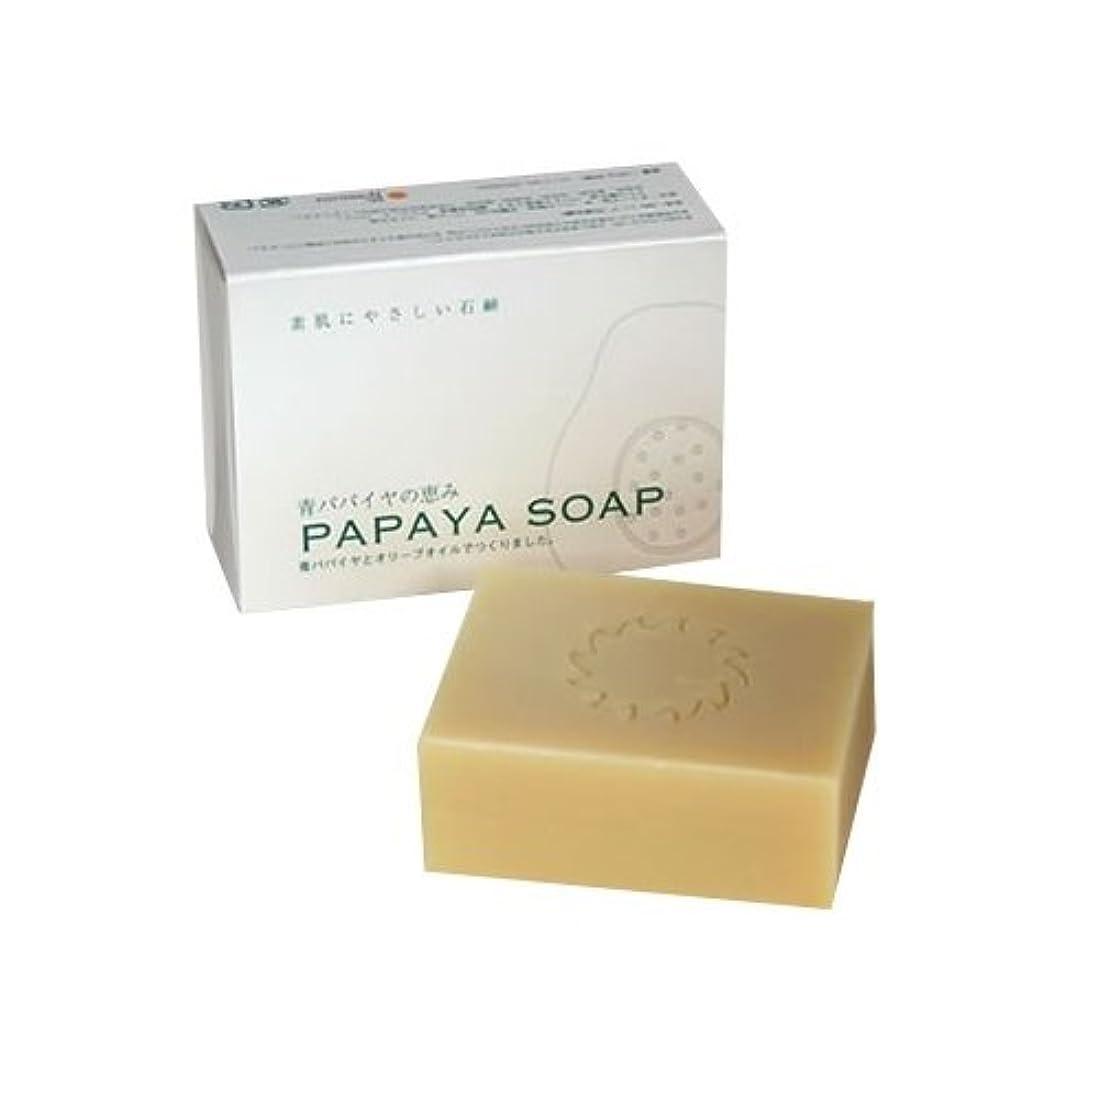 愛するモルヒネソファー青パパイヤの恵み PAPAYA SOAP(パパイヤソープ) 100g